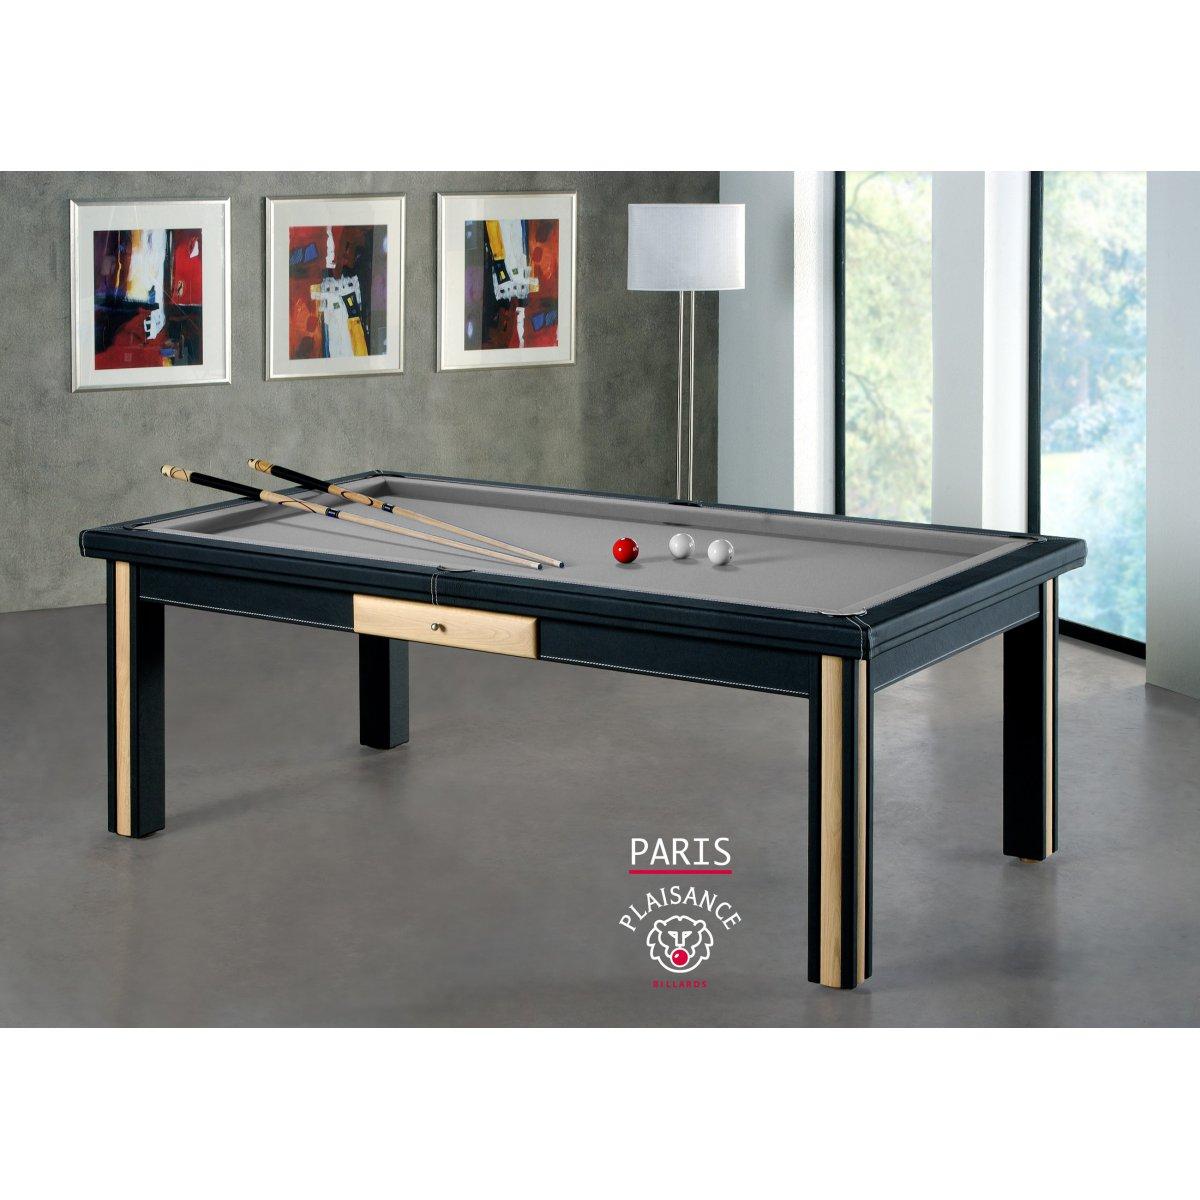 Billard convertible table beautiful table billard - Table billard convertible pas cher ...